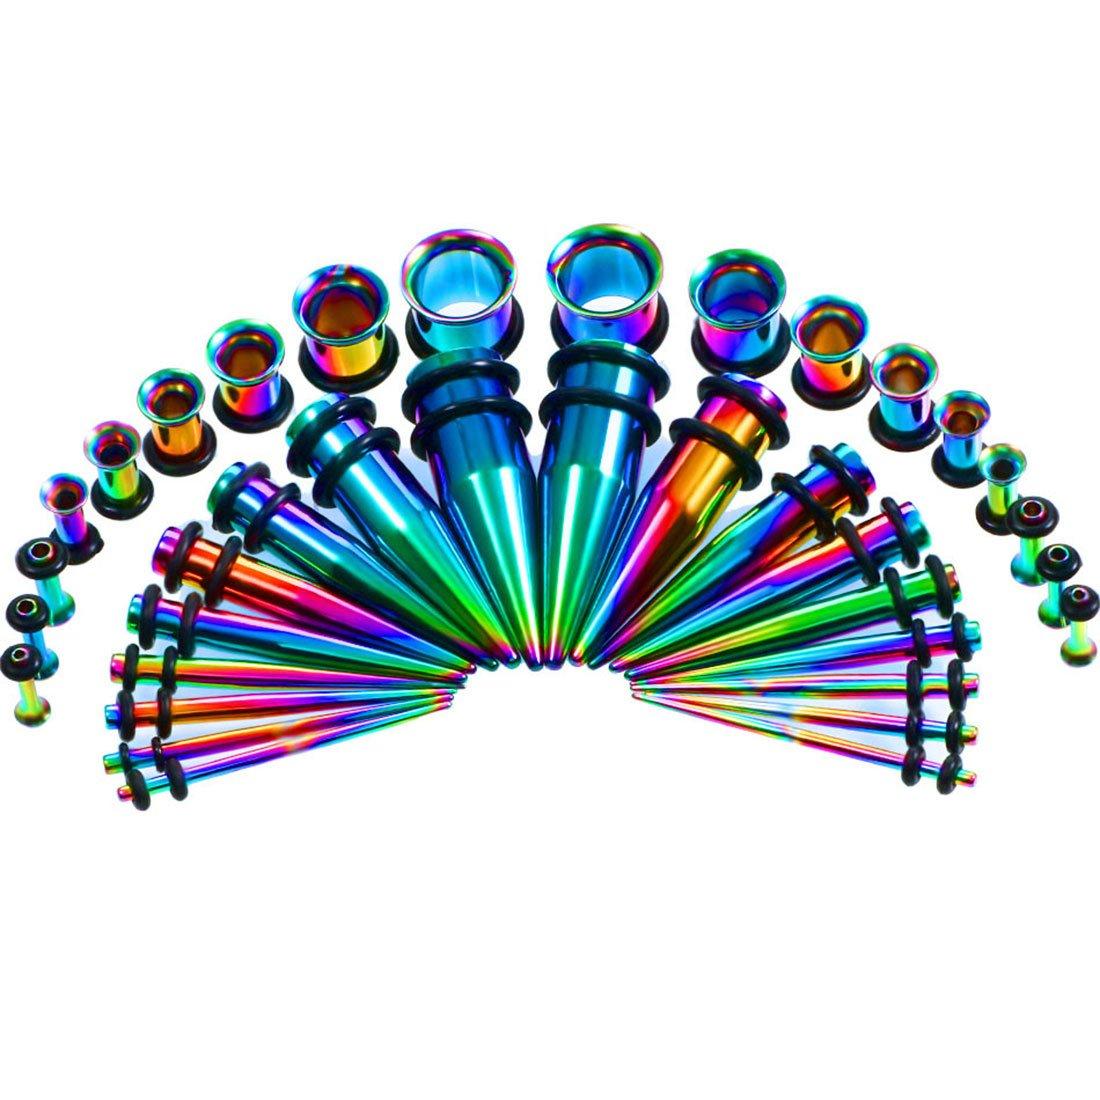 36 Piezas Dilatador Acero Quirurgico Set 1.6-10mm-Huacan Dilatación de Oreja Túnel: Amazon.es: Joyería